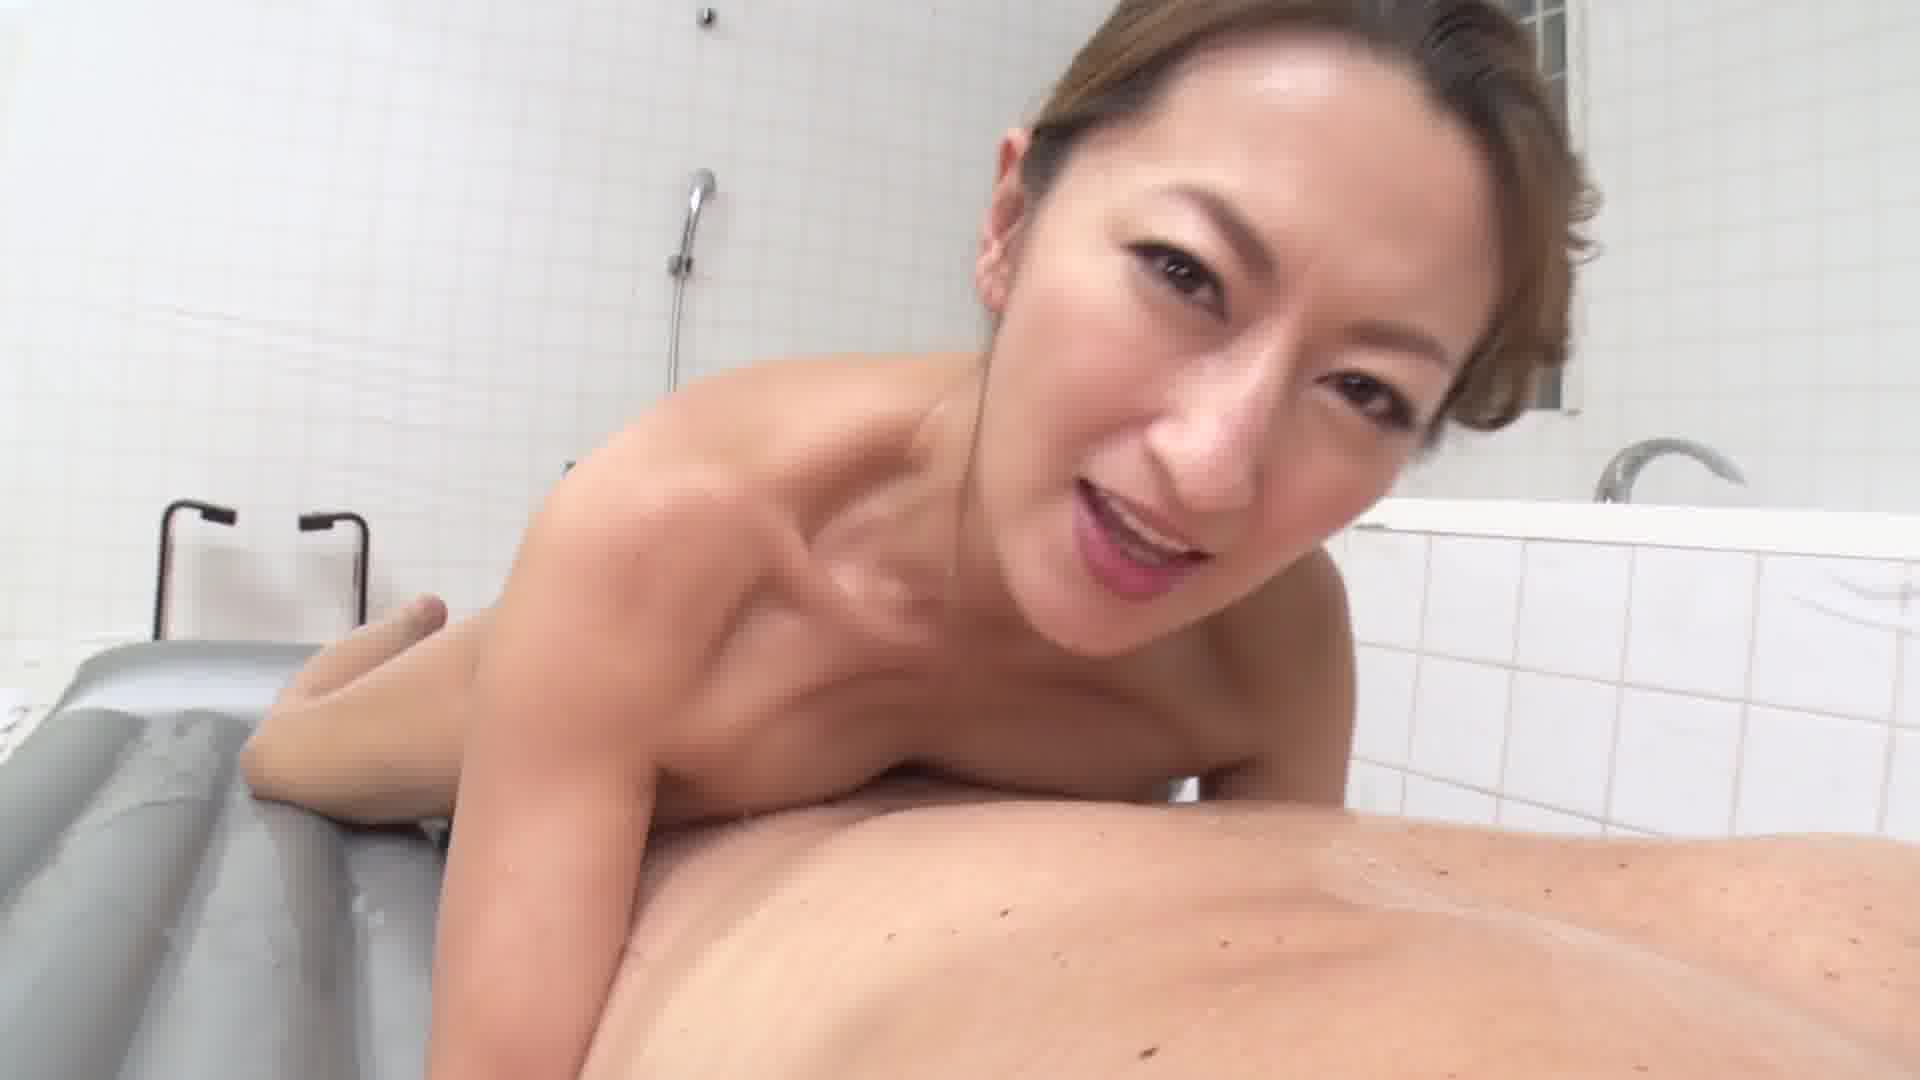 極上泡姫物語 Vol.74 – 玲奈【痴女・パイズリ・隠語】